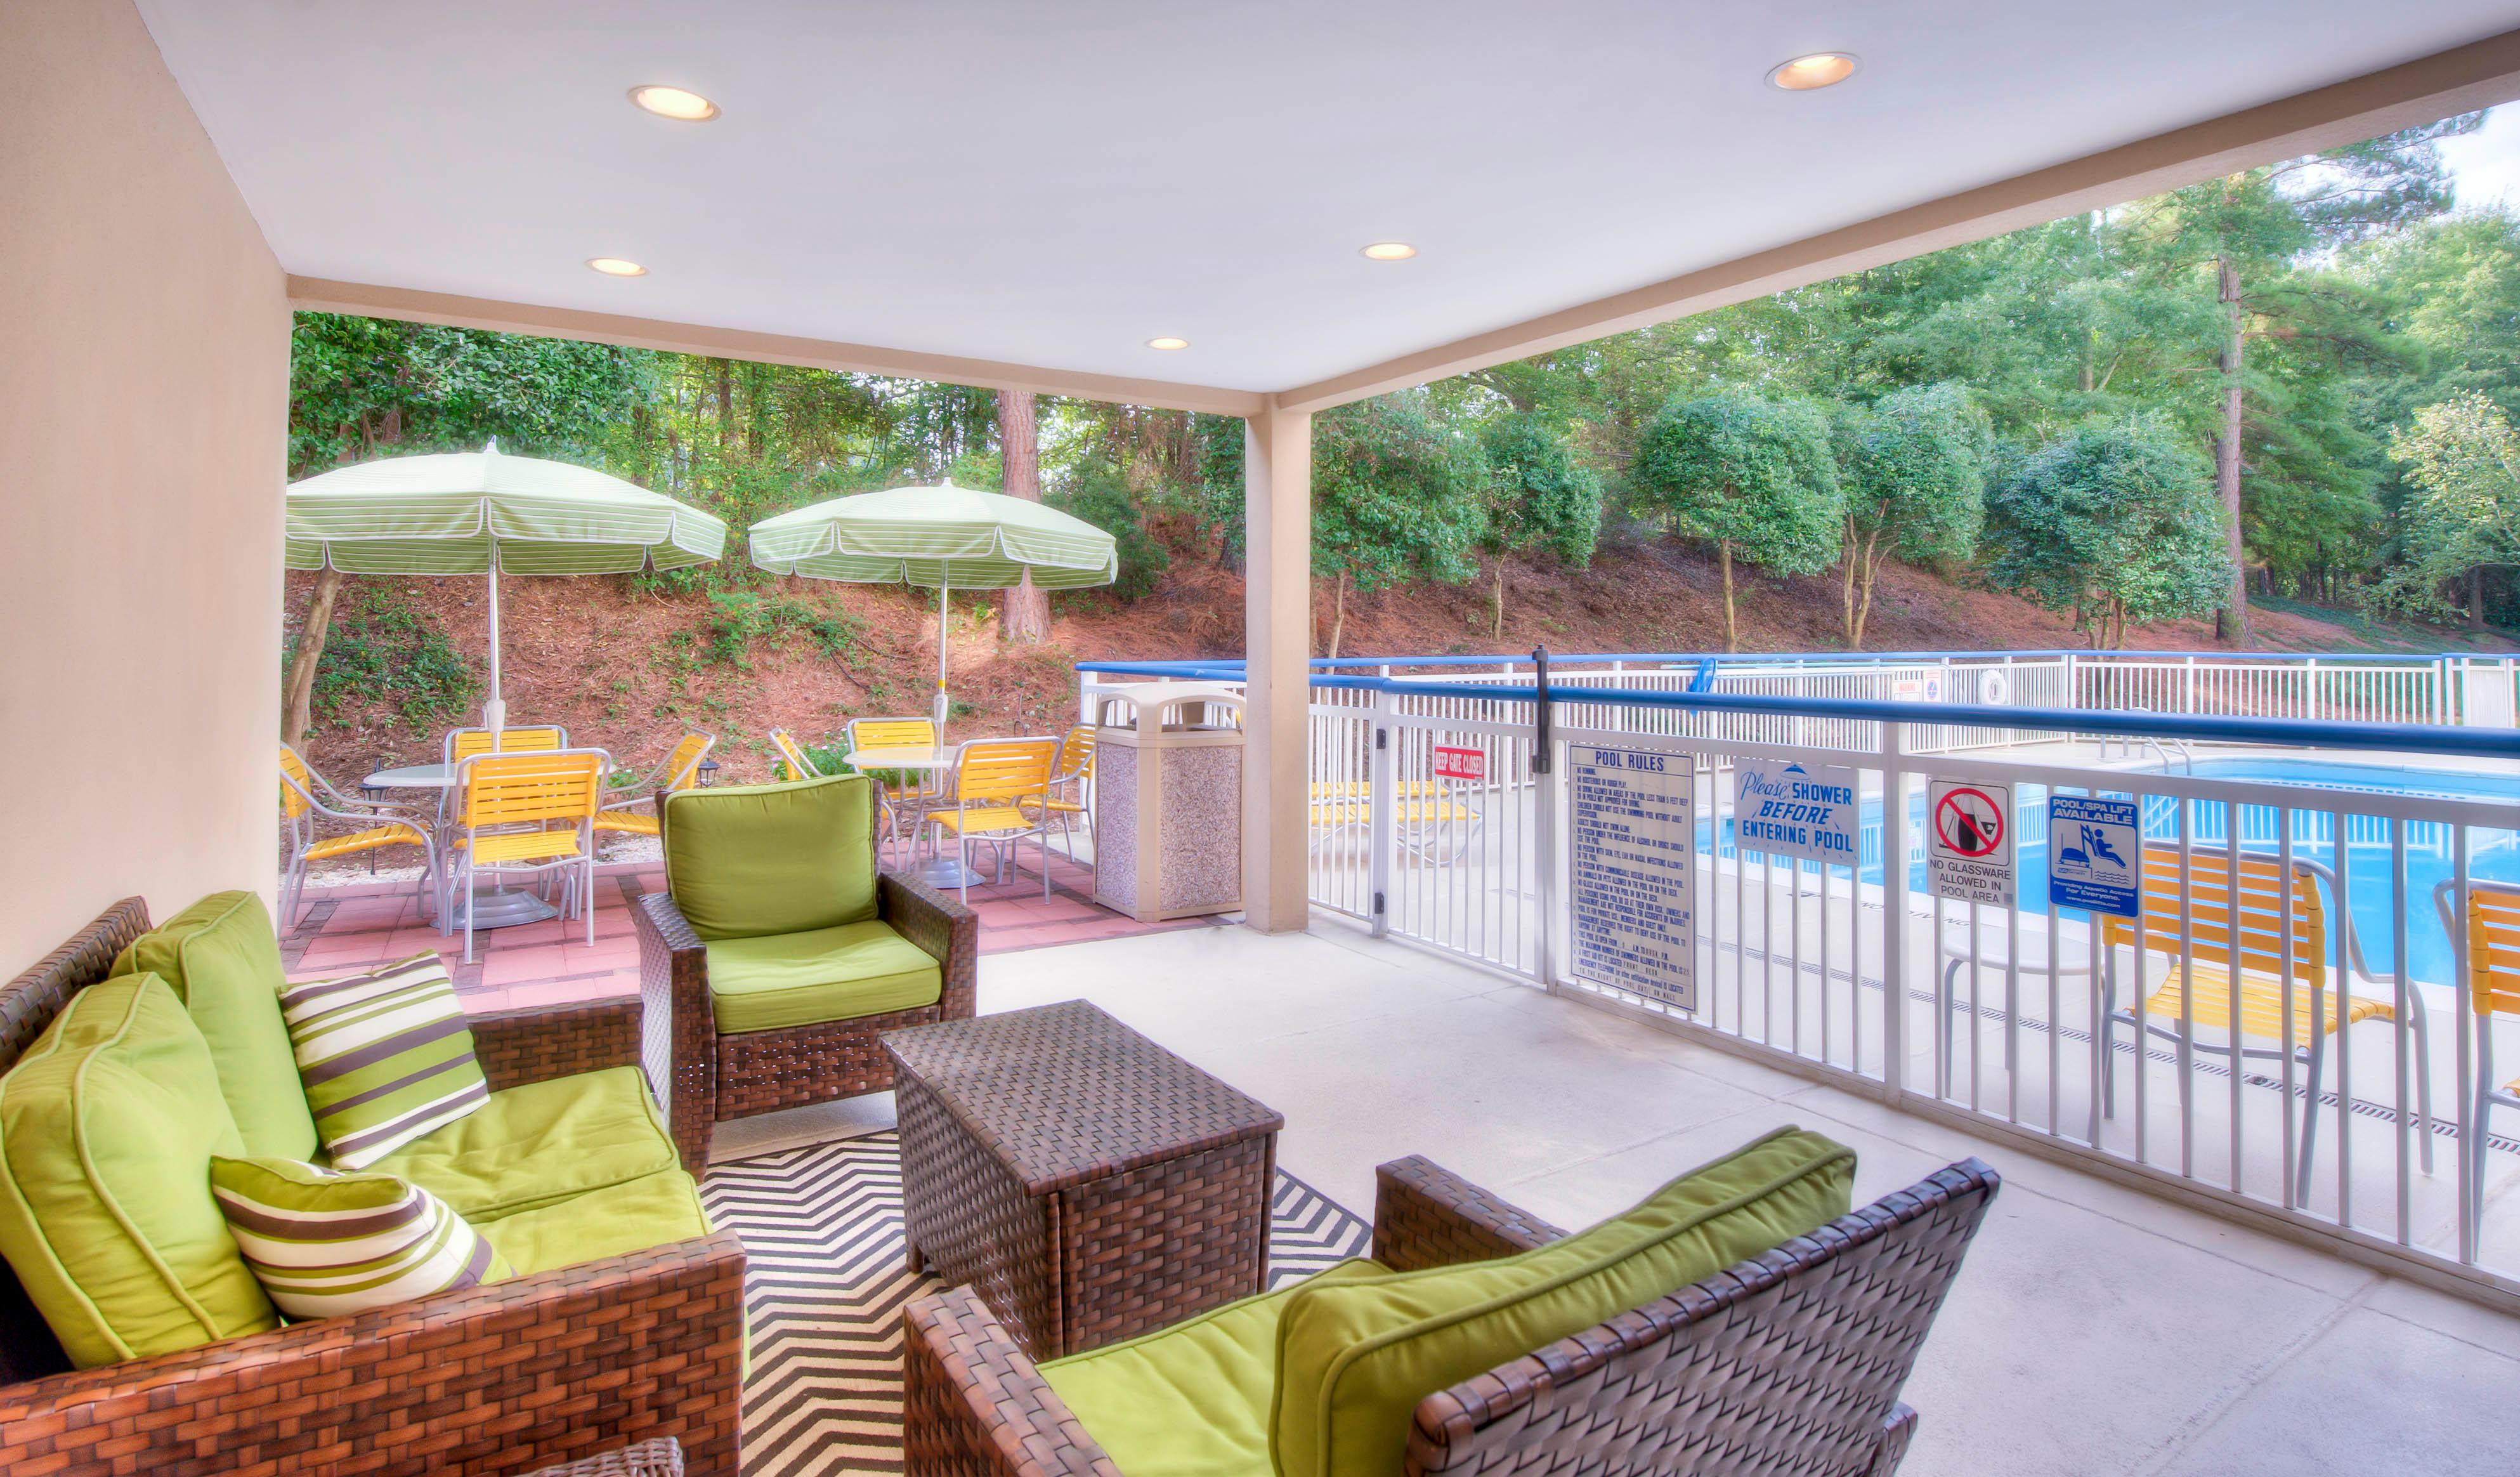 Fairfield Inn  U0026 Suites By Marriott Raleigh Crabtree Valley